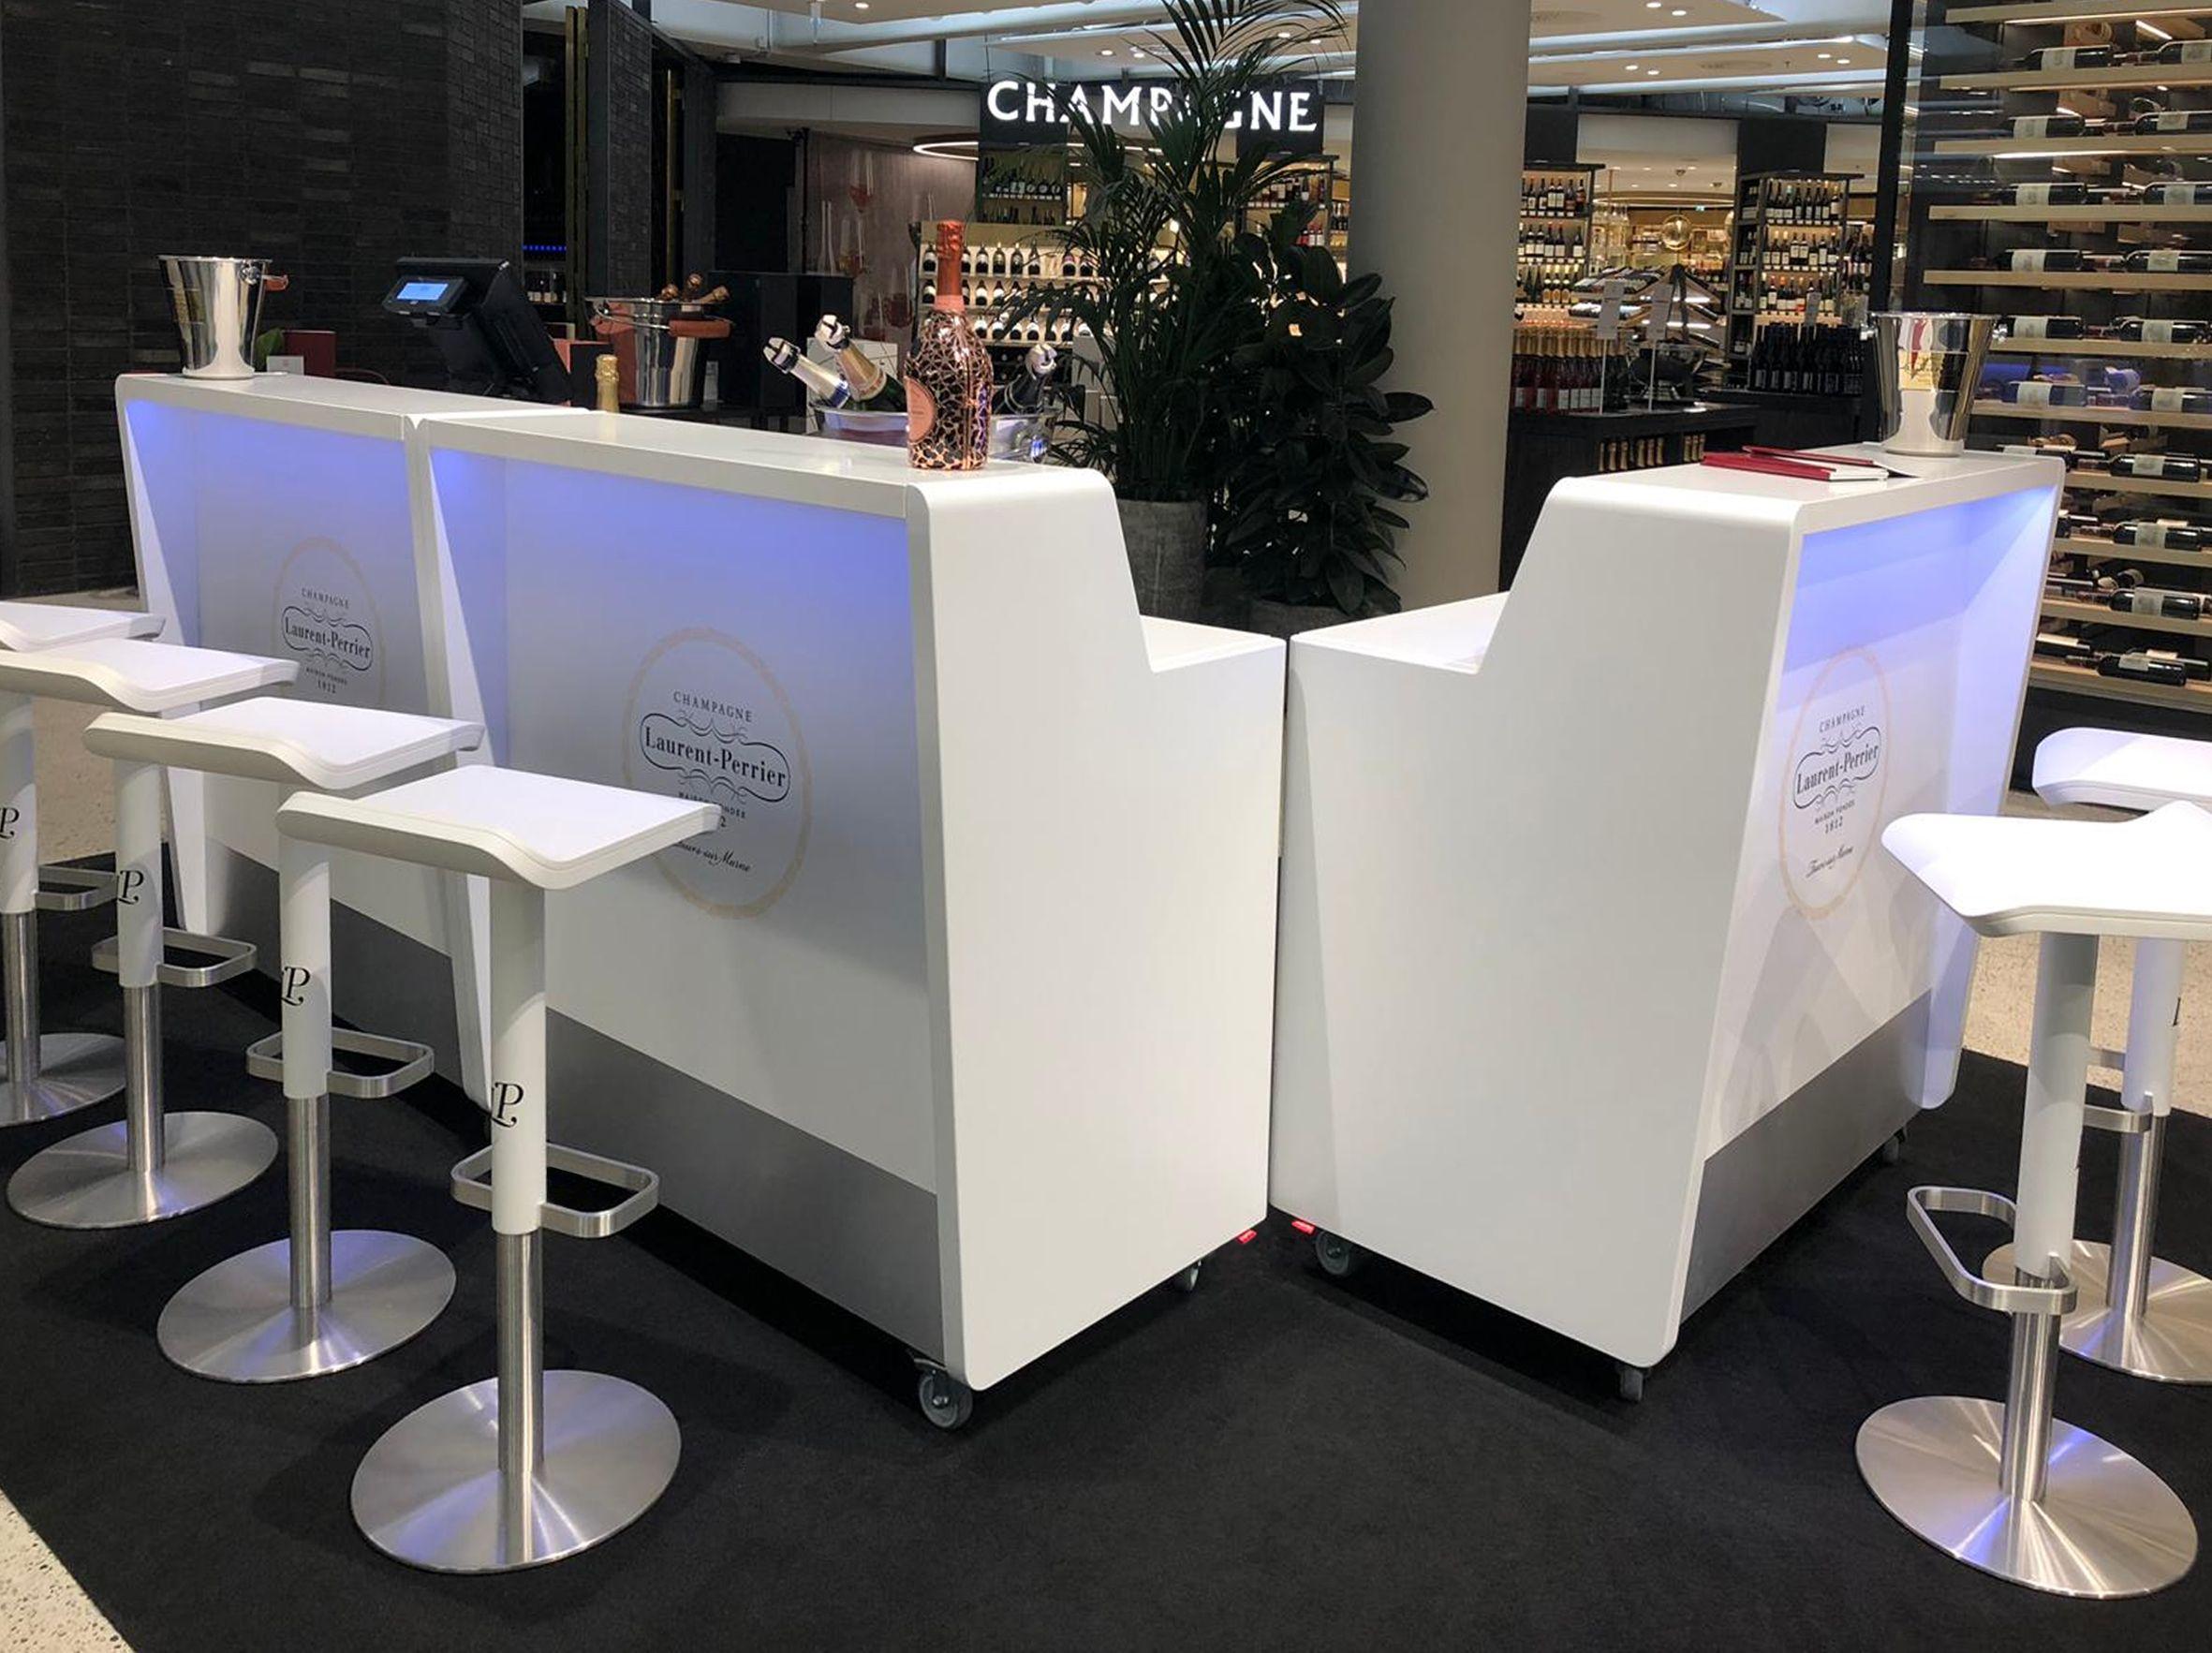 Das Perfekte Bar Und Buffetsystem Fur Messe Event Und Promotion Besteht Das 9 Verschiedenen Grundelementen Das Led Beleuchtung Mobile Theke Led